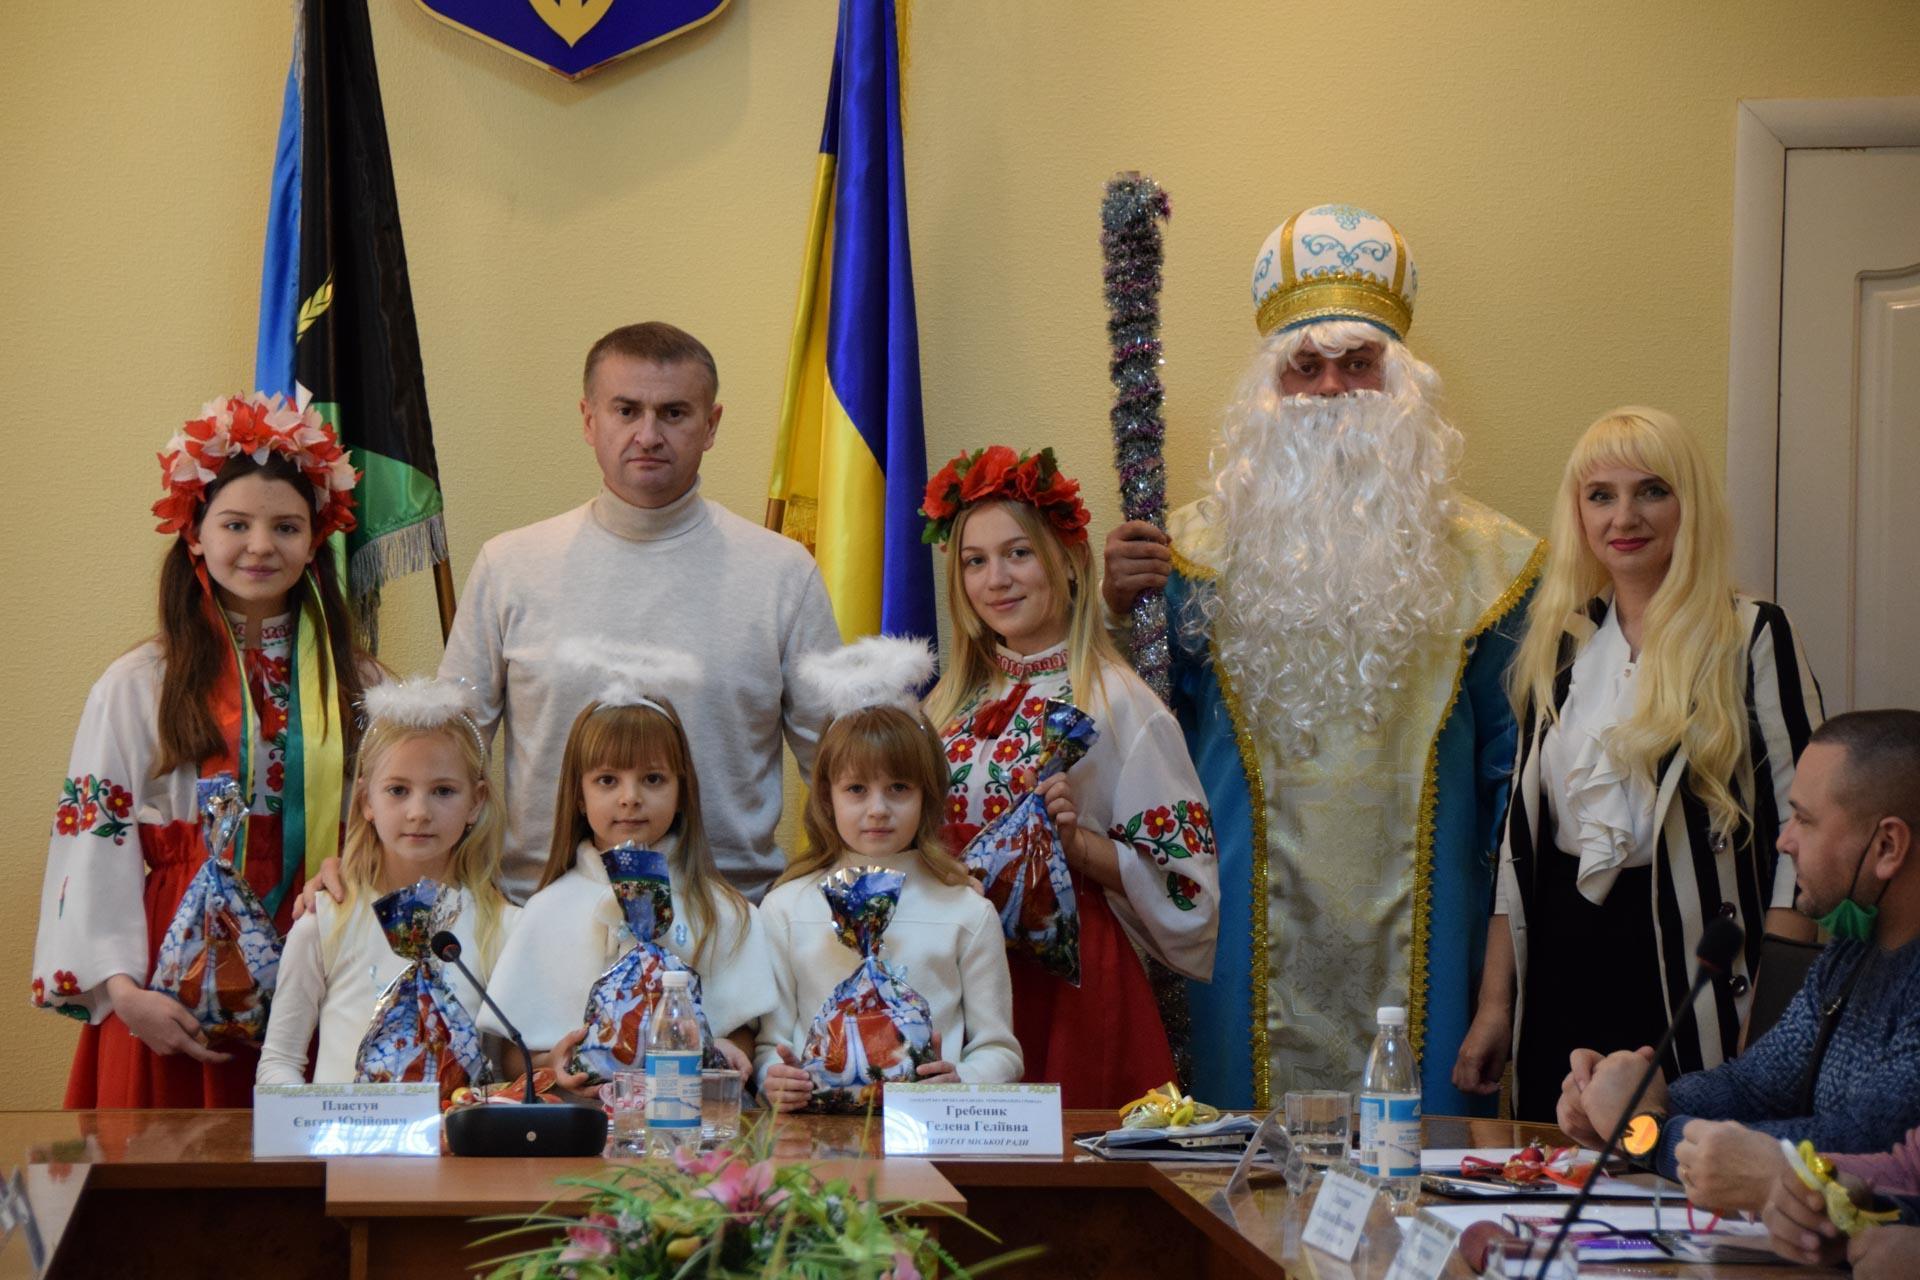 Мер Соледара Євген Пластун позує для фото з іншими депутатами без масок